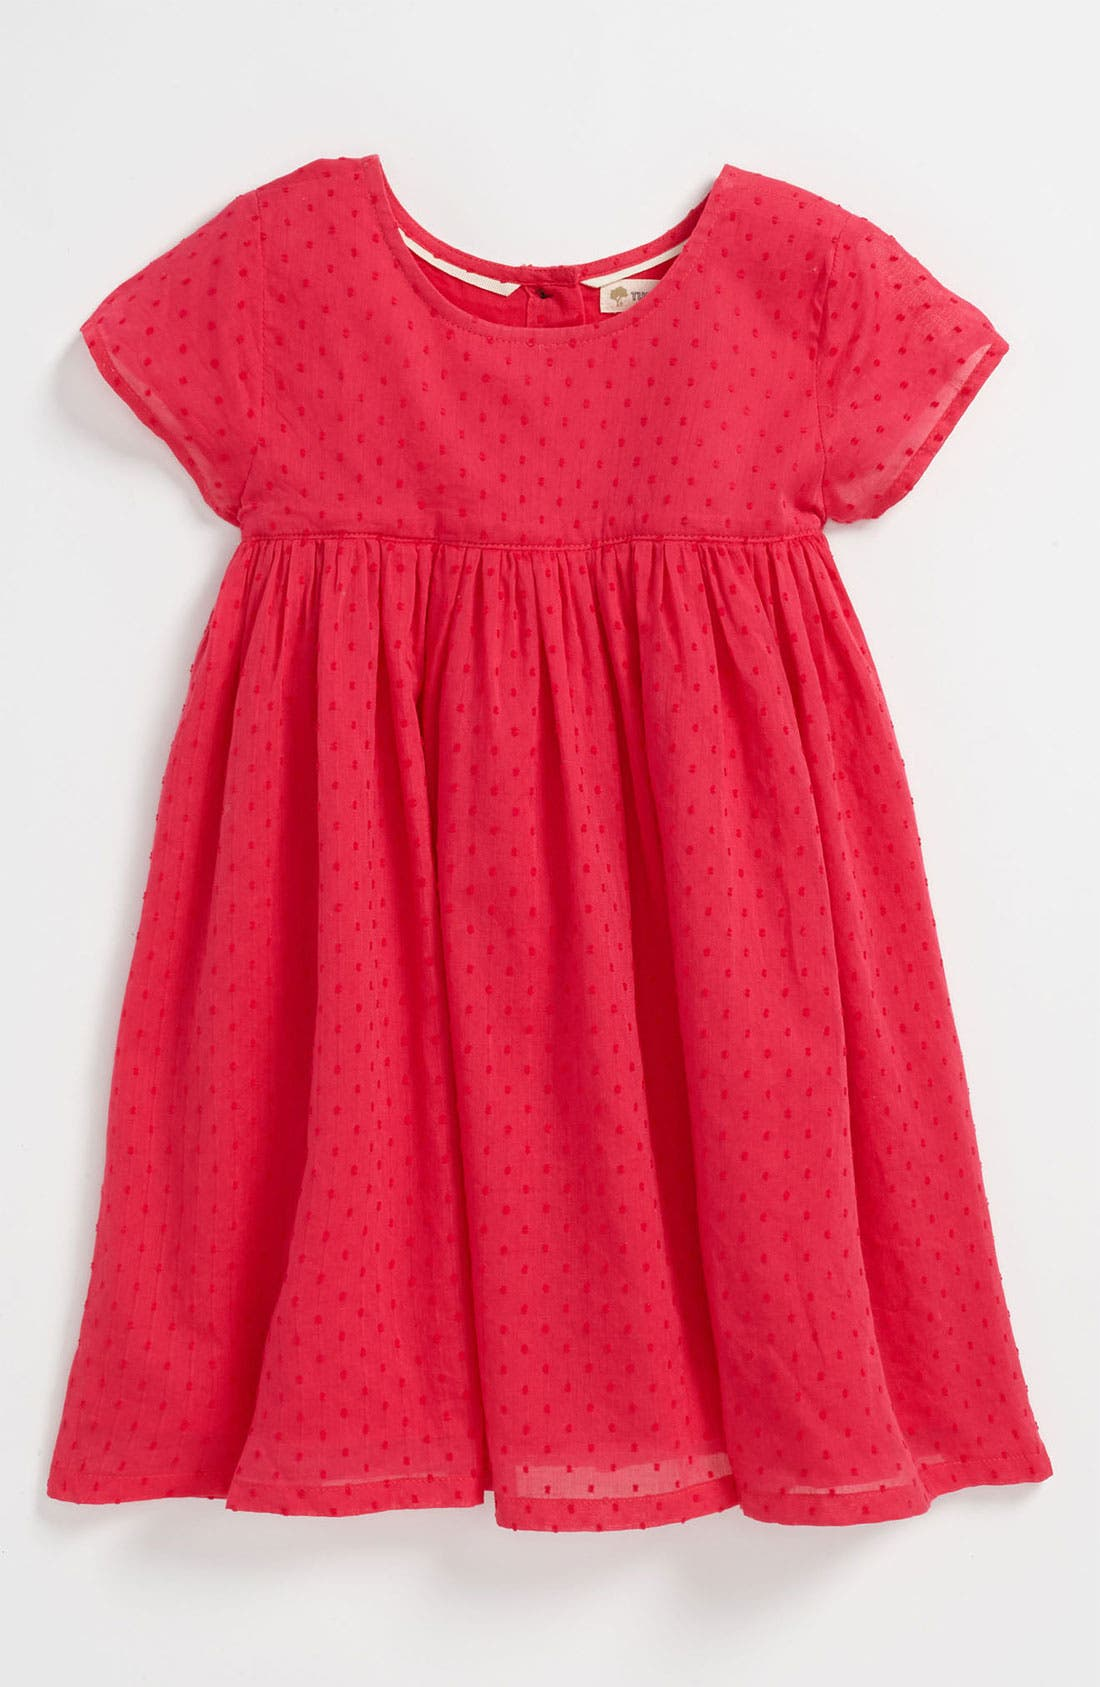 Alternate Image 1 Selected - Tucker + Tate 'Iris' Dress (Toddler)